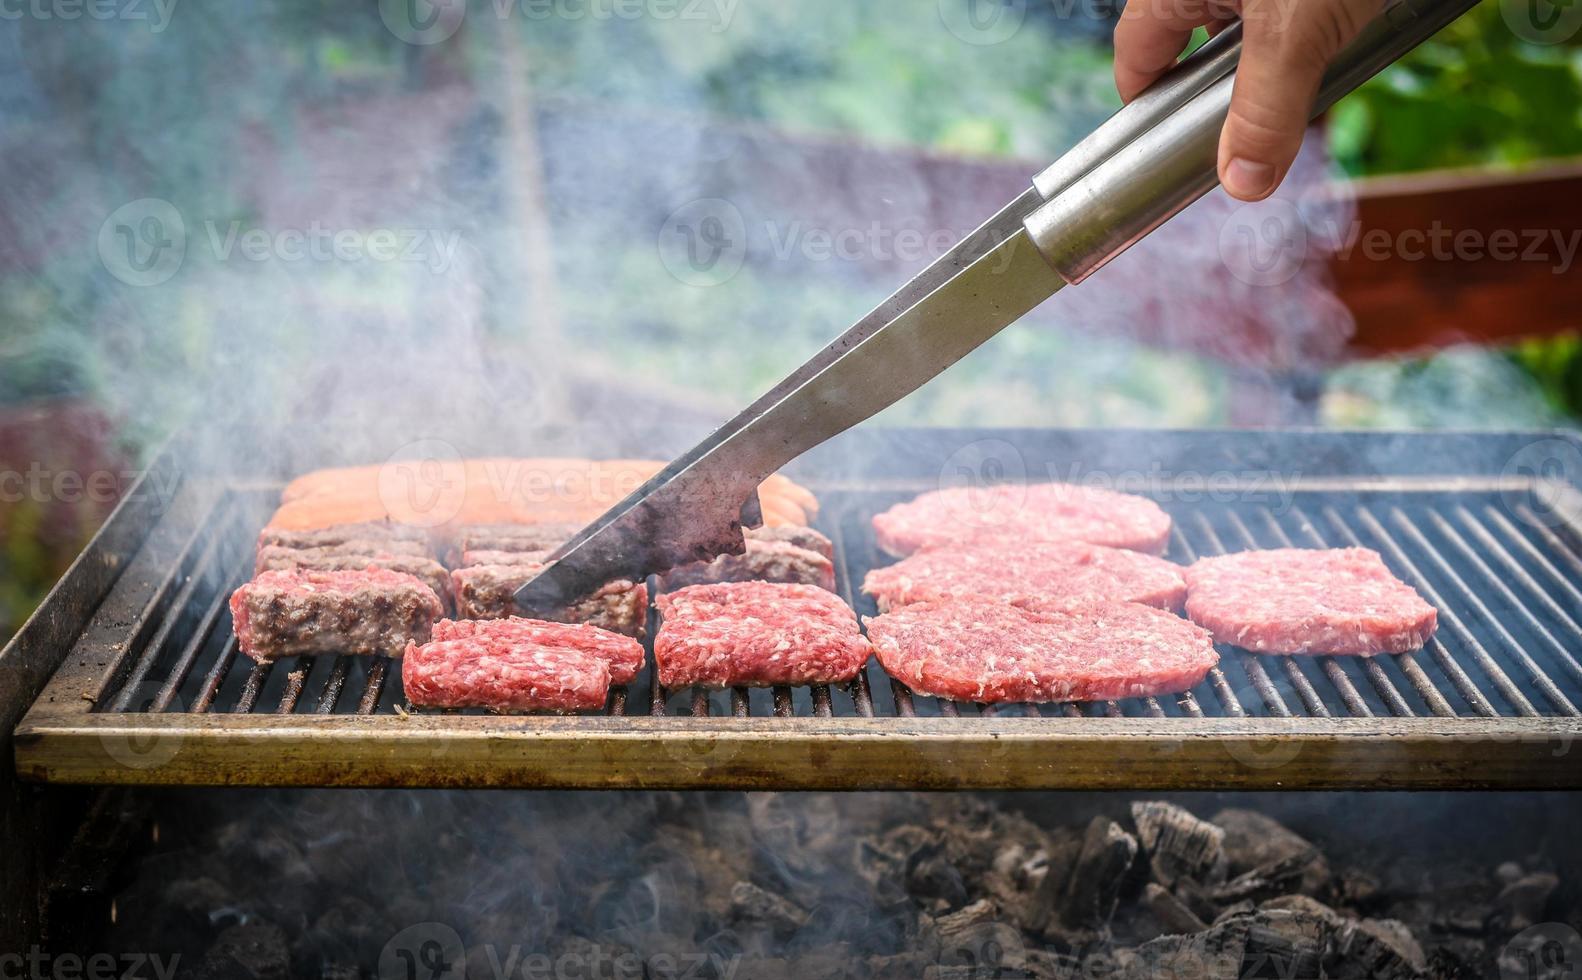 Fleisch auf dem Grill mit Kohle grillen. foto